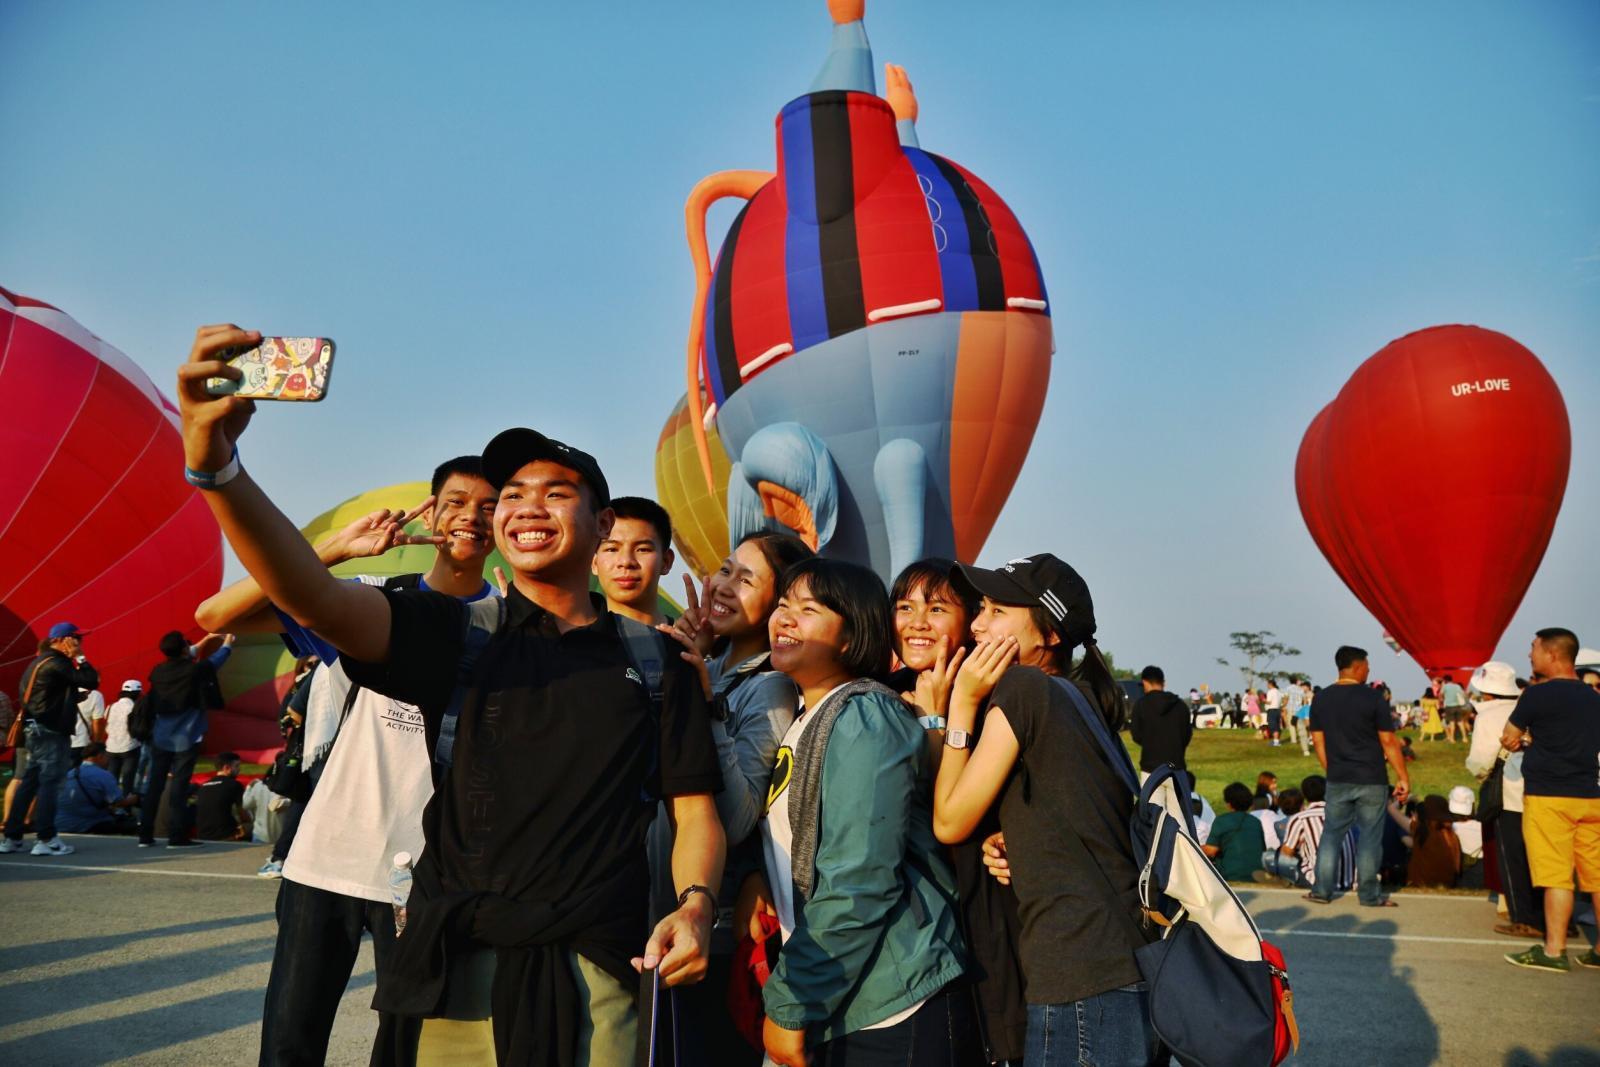 นักท่องเที่ยวไทย-ต่างชาติ แห่เที่ยวงาน สิงห์ปาร์ค บอลลูน วันแรก คึกคัก